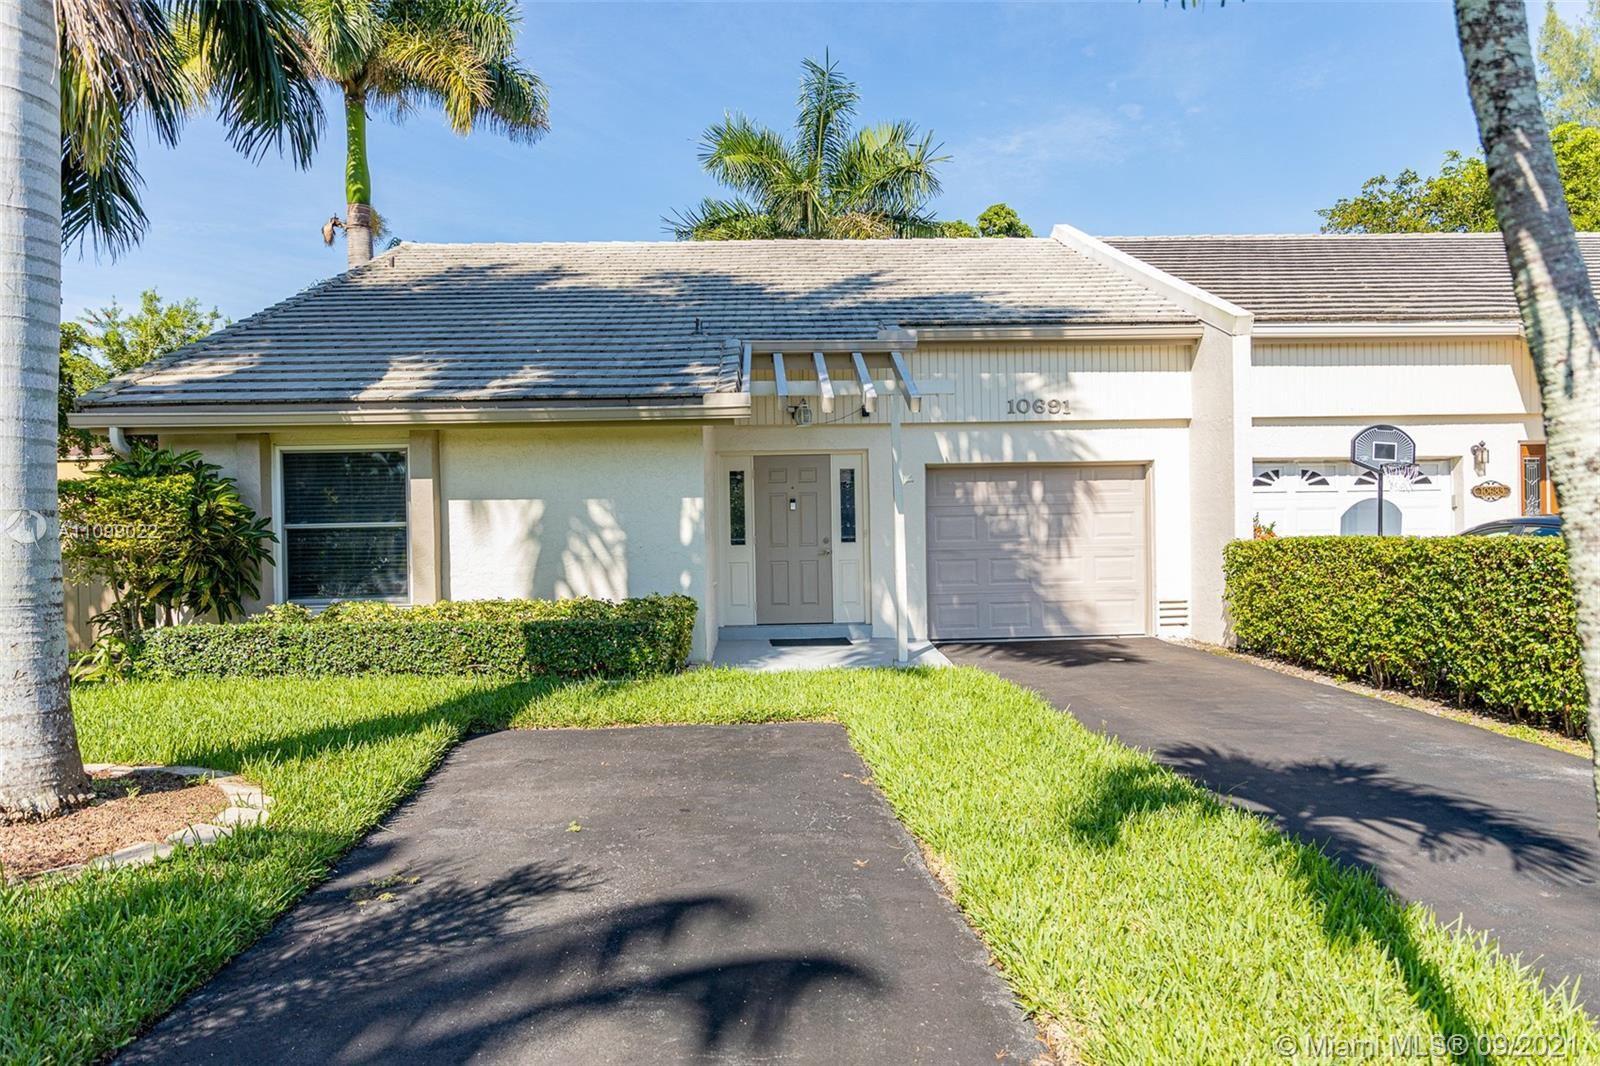 10691 La Placida Dr, Coral Springs, FL 33065 - #: A11099022